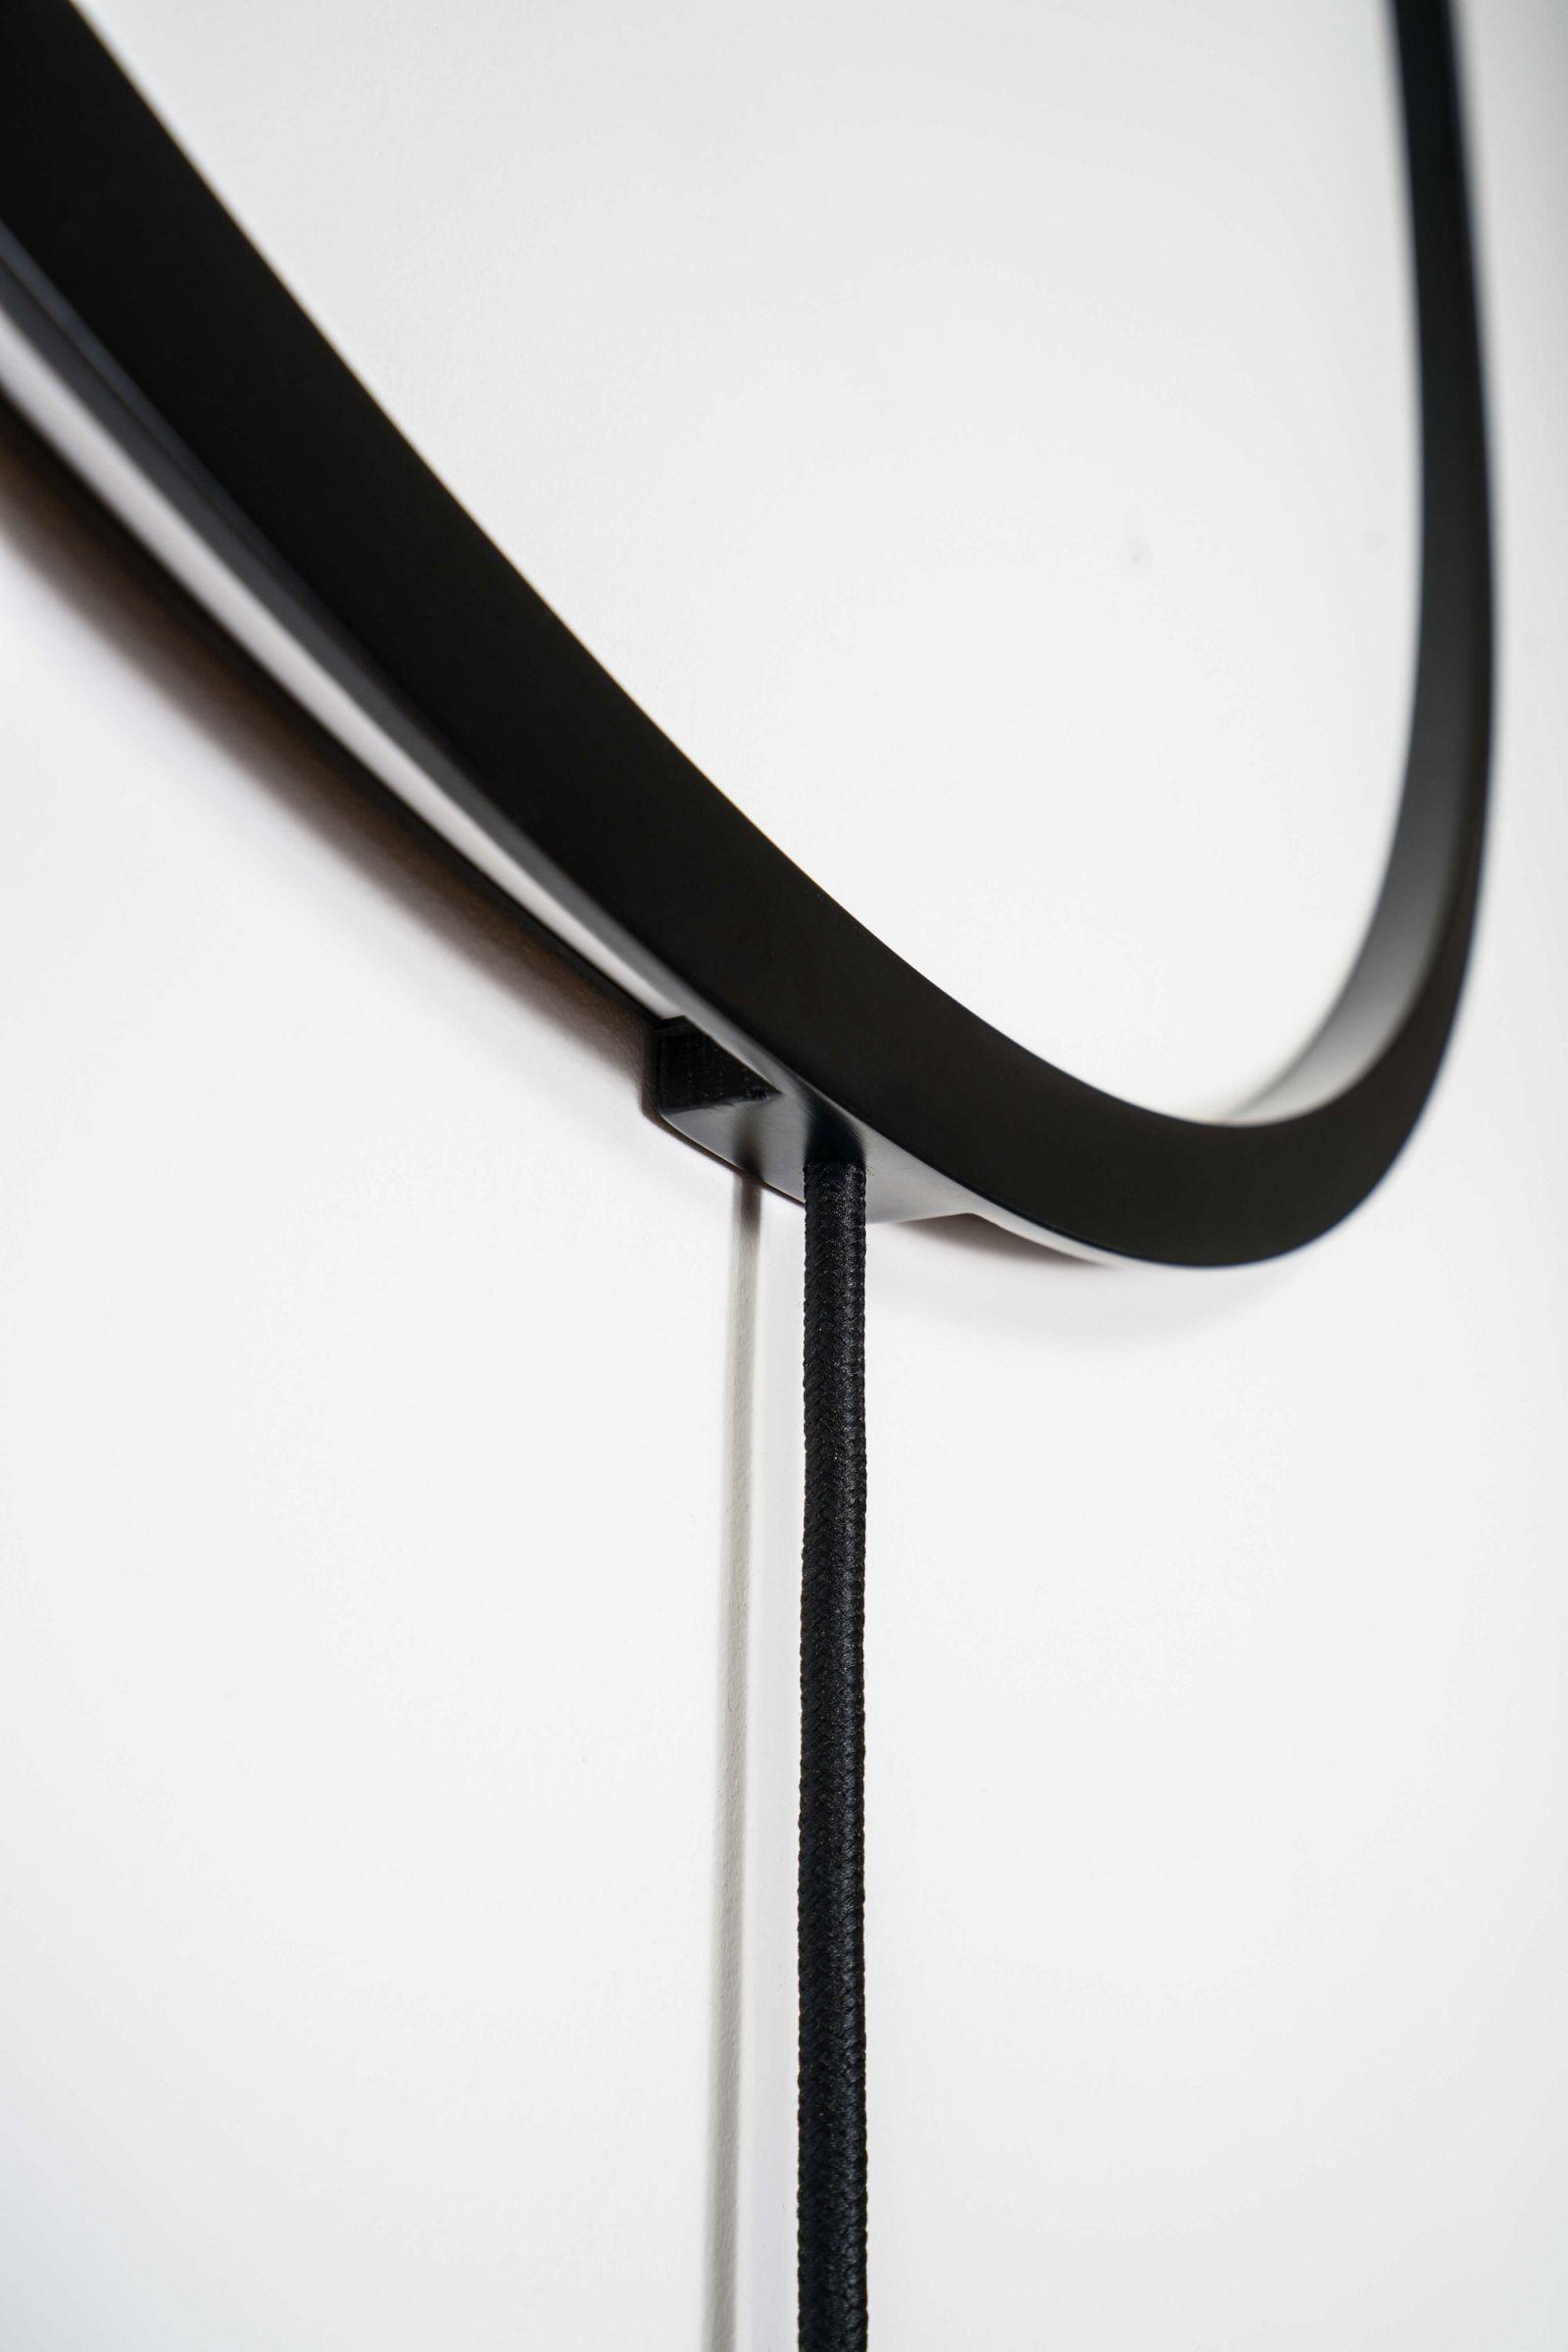 Lampa Dwa-Thła w kolorze czarnym detal